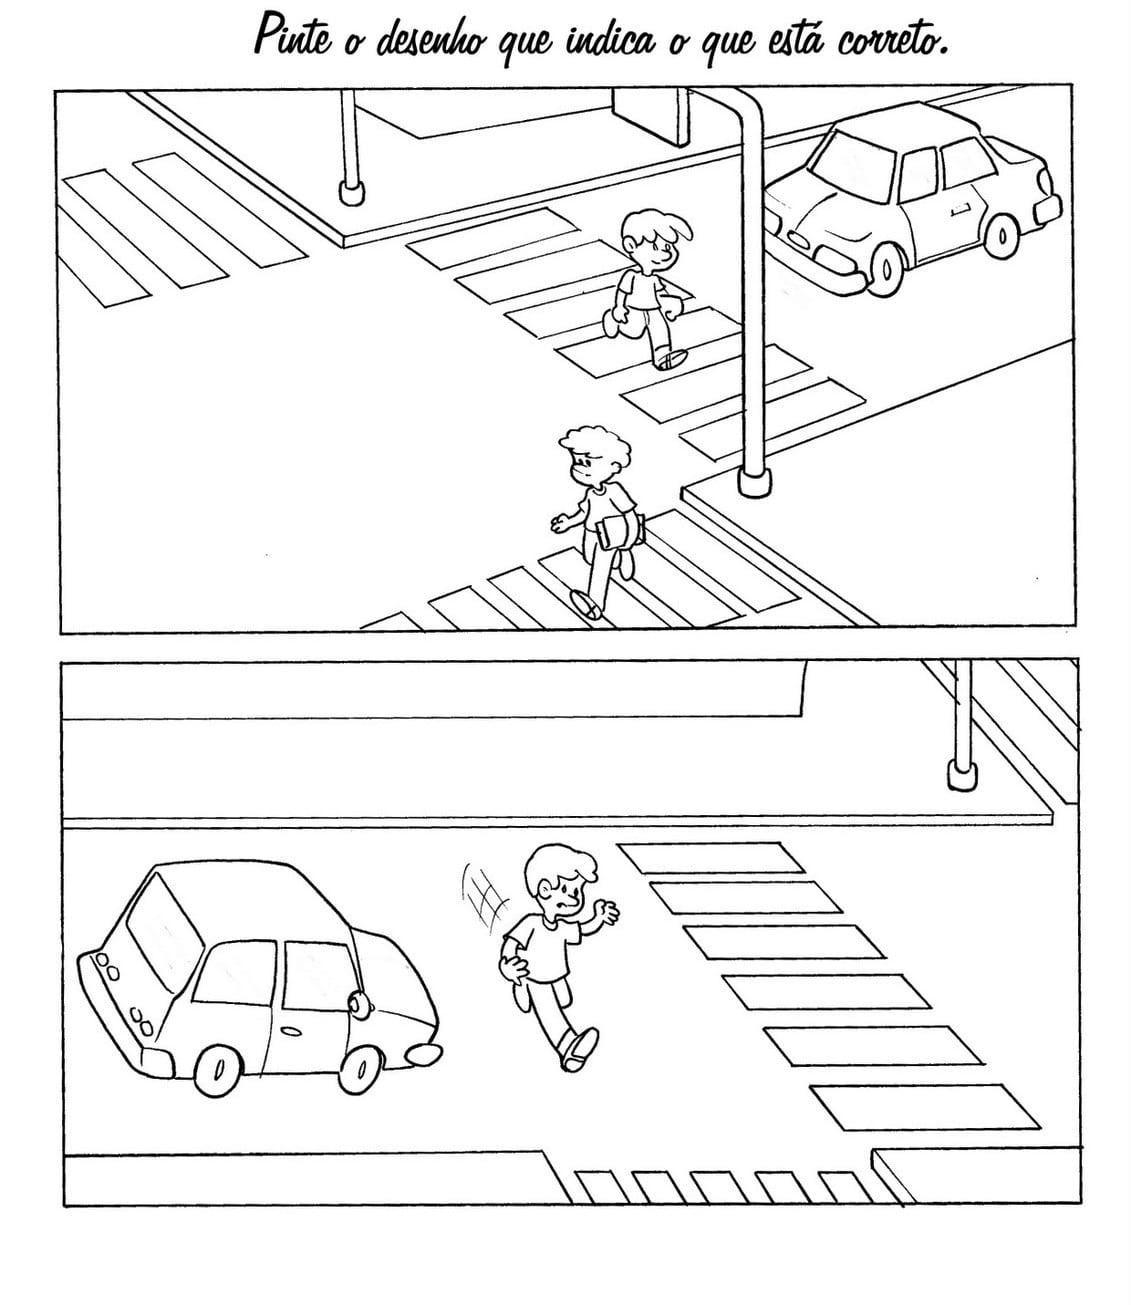 Desenhos Para Imprimir, Colorir E Pintar Do Dia Do Trânsito